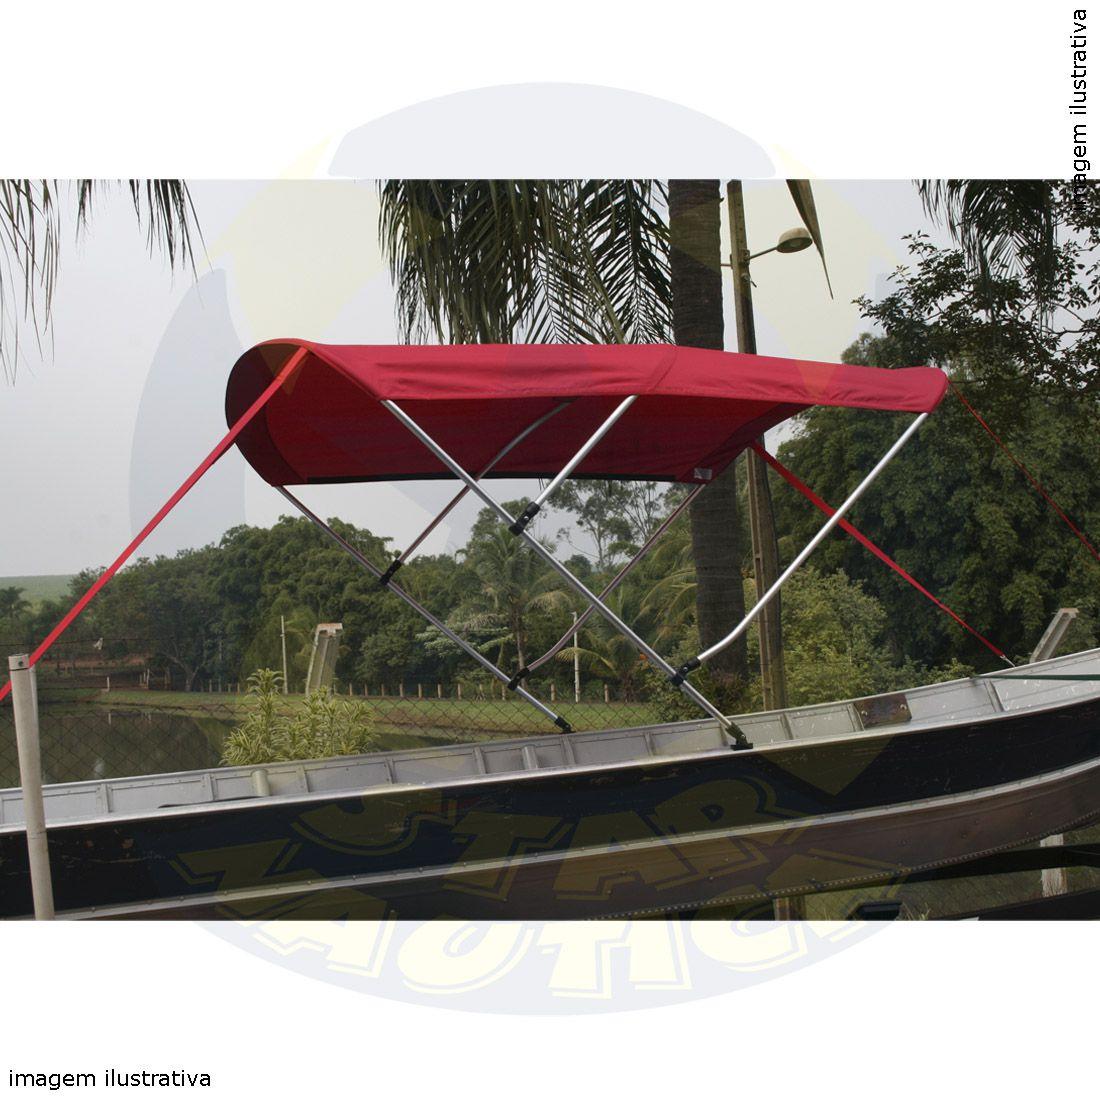 Capota Toldo Barco Karib 500 Poliéster 3 Arcos Tubo 1 1/4